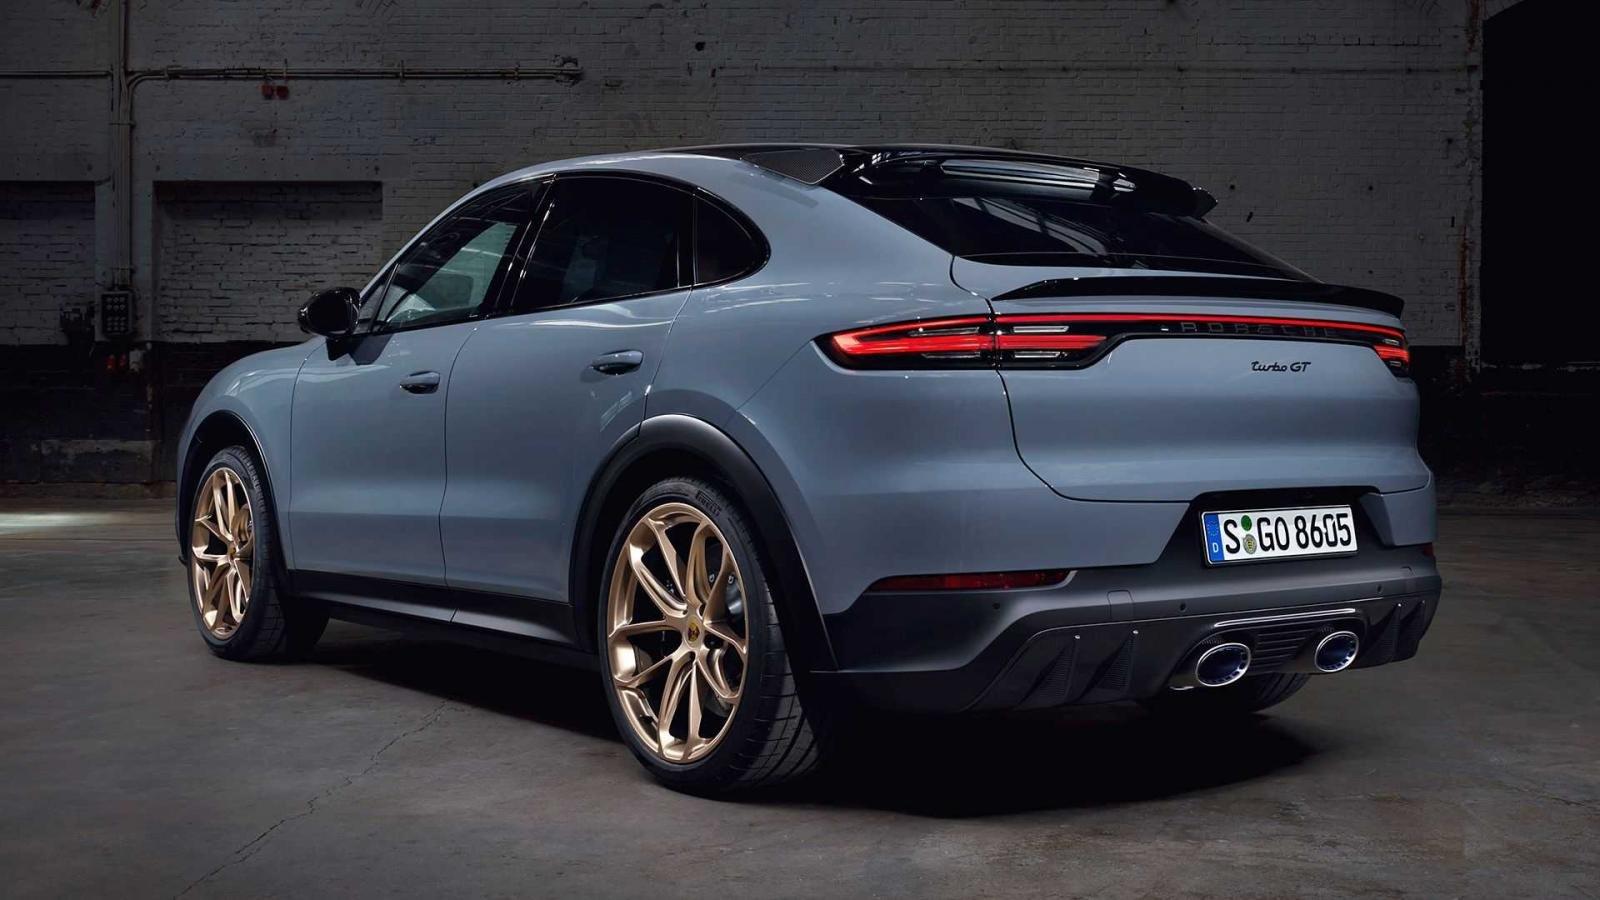 Porsche Cayenne Turbo GT cải tiến ấn tượng về mặt sức mạnh lẫn kết cấu kỹ thuật.